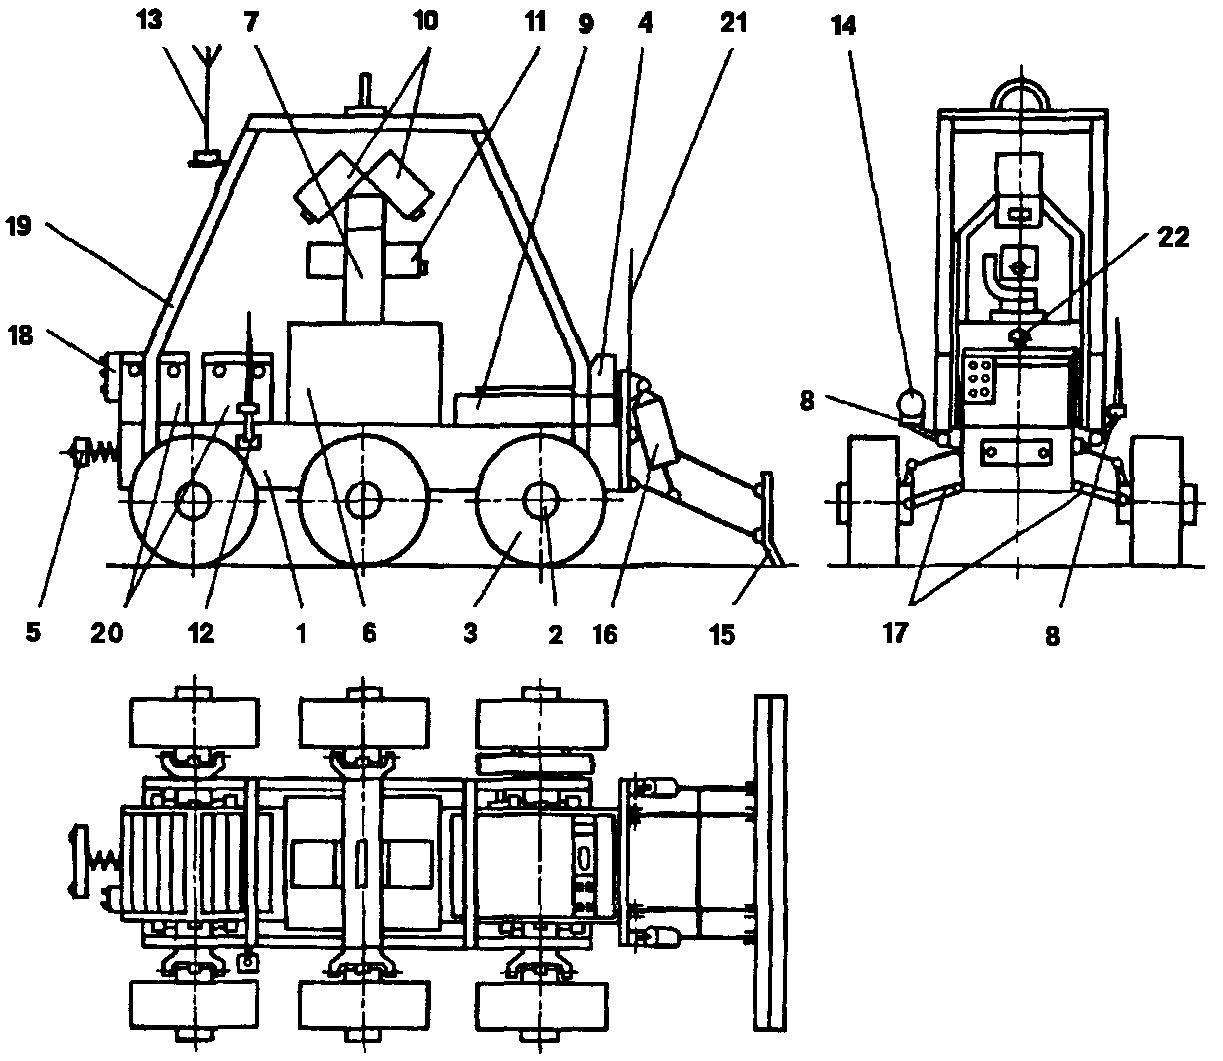 Scheme of STR-1